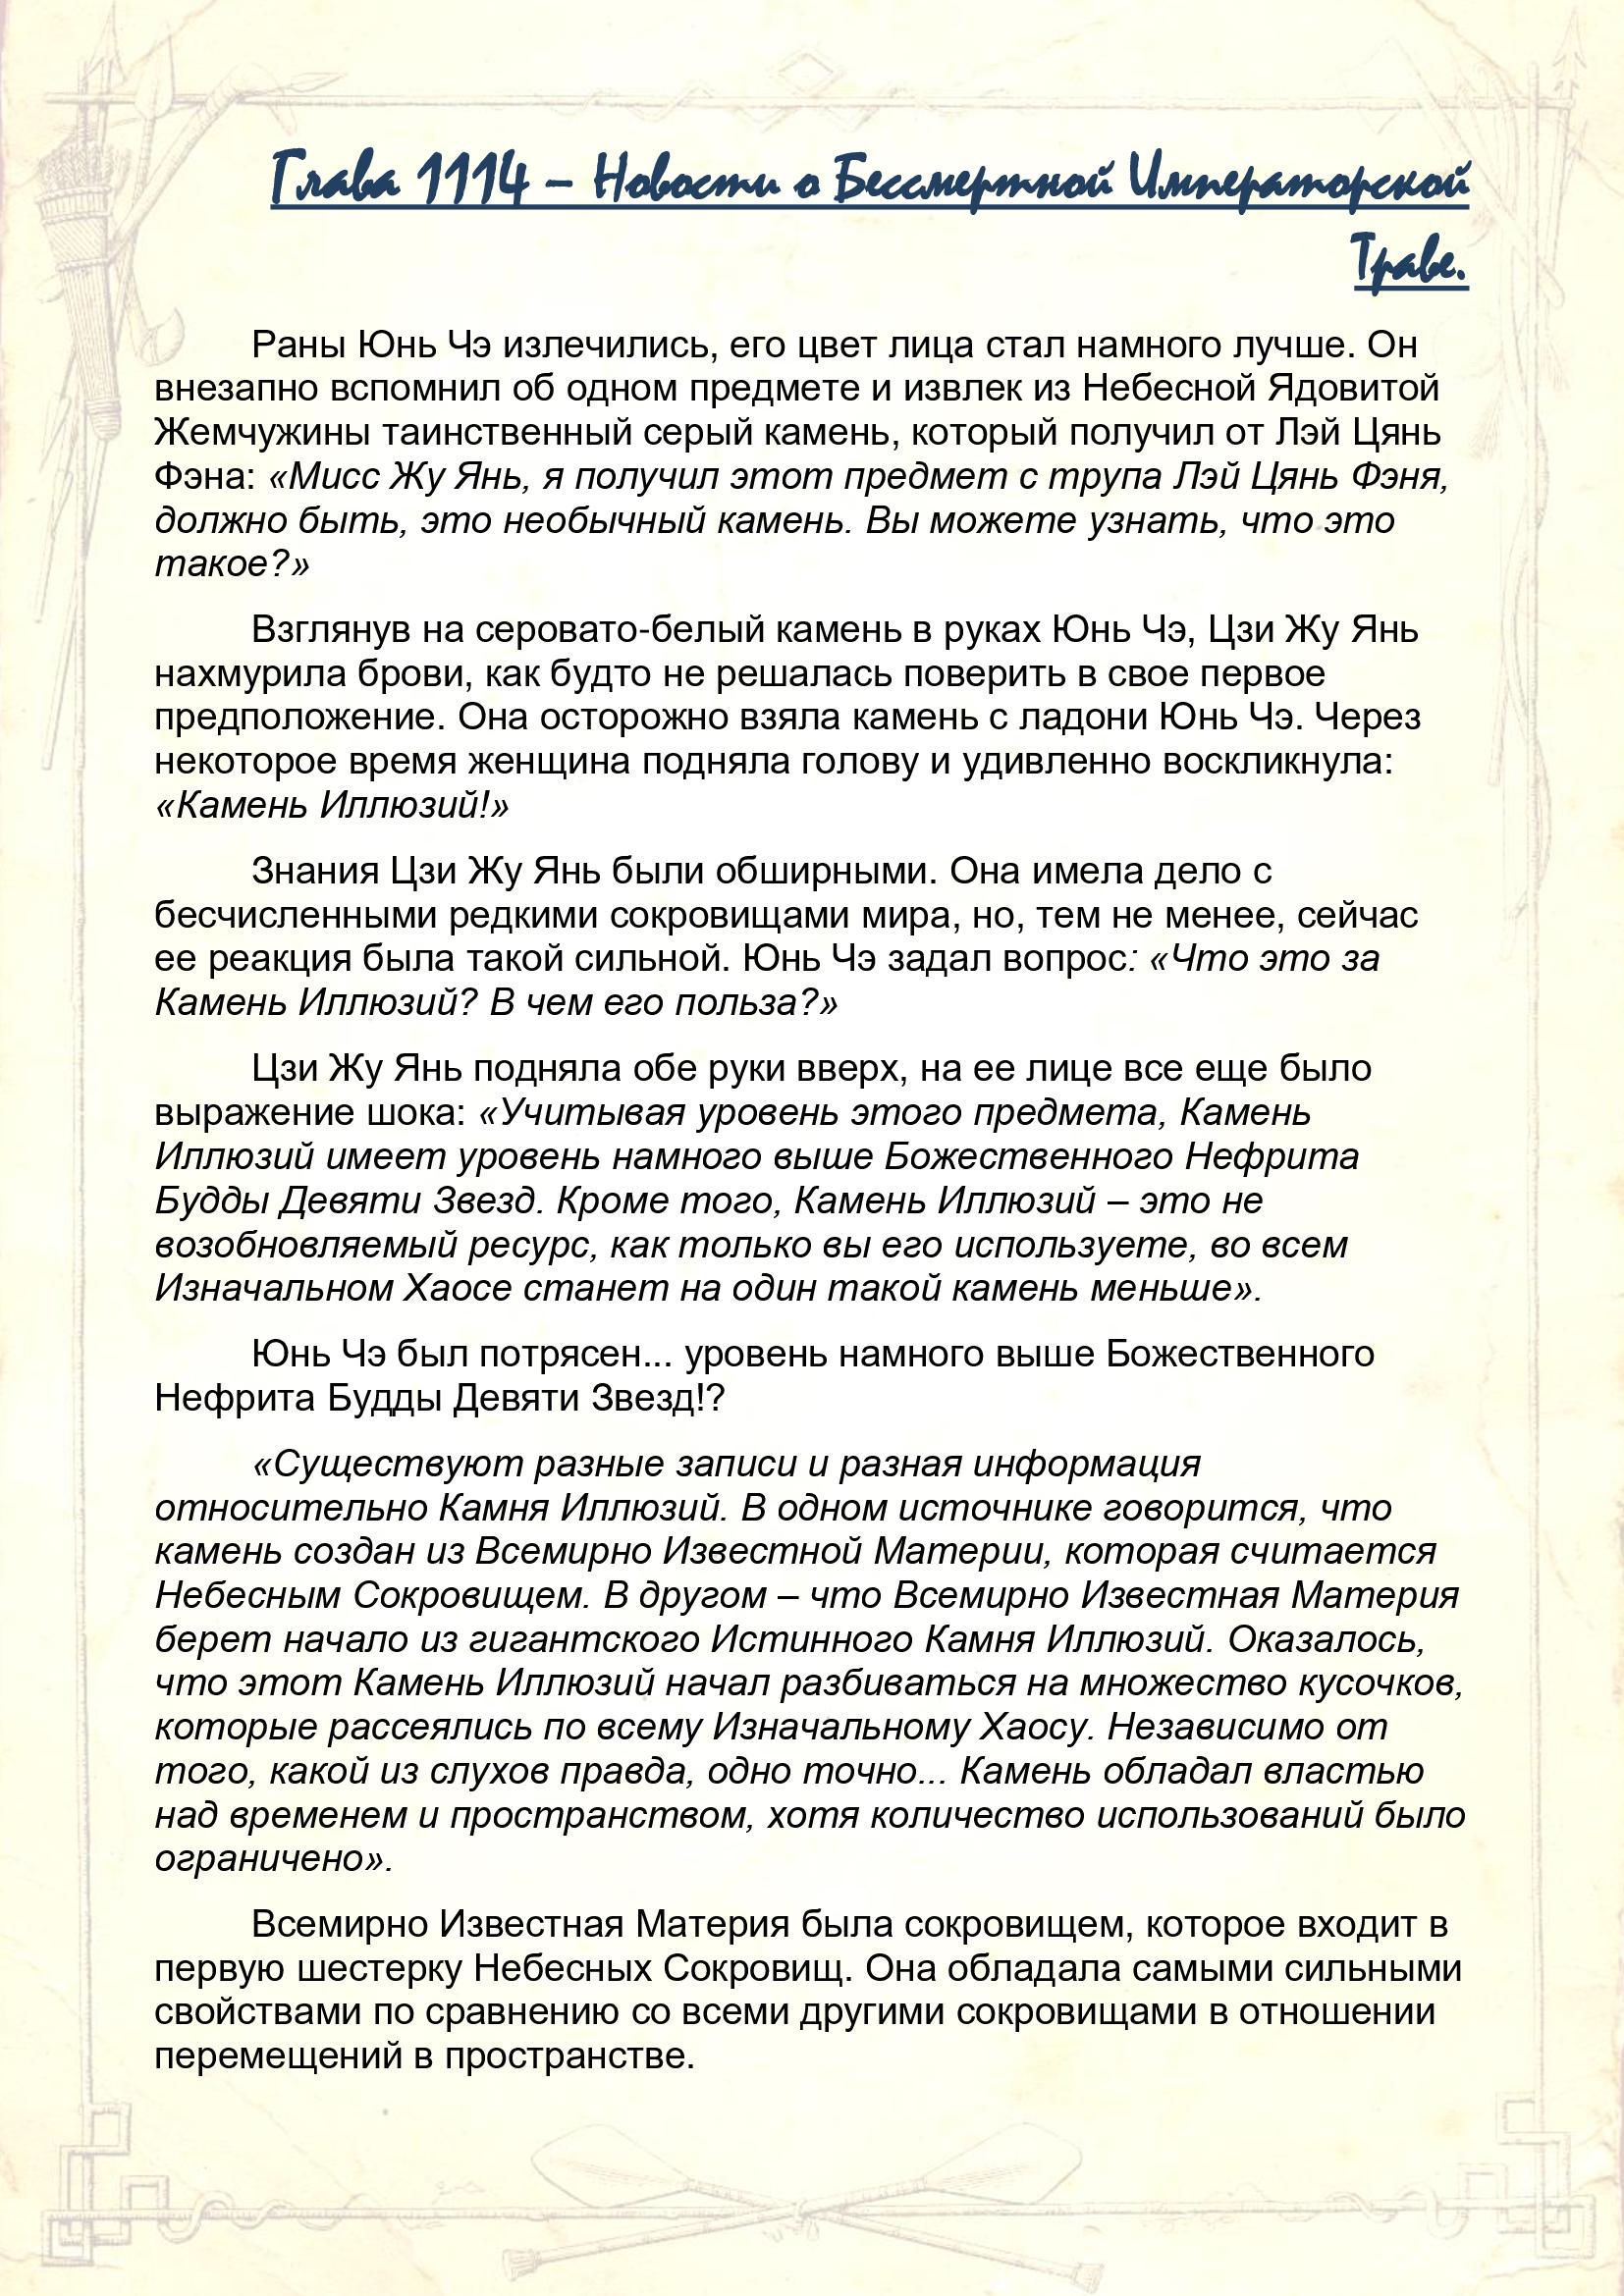 Восставший против Неба v9 - 1114 Новости о Бессмертной Император-ской Траве.